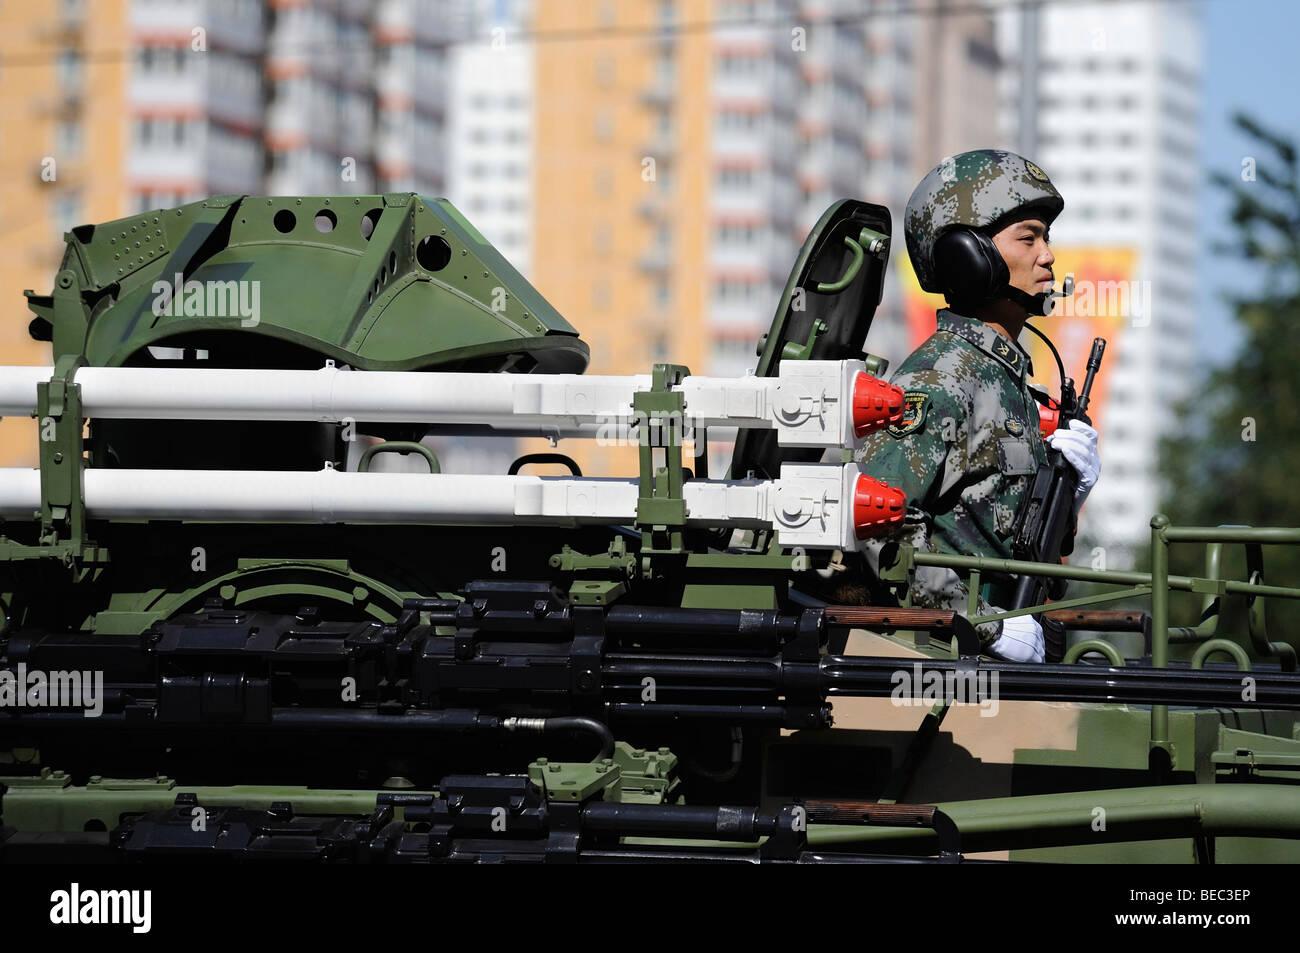 Desfile militar Chinas marca el 60º aniversario de la República Popular de China. 01-Oct-2009 Imagen De Stock